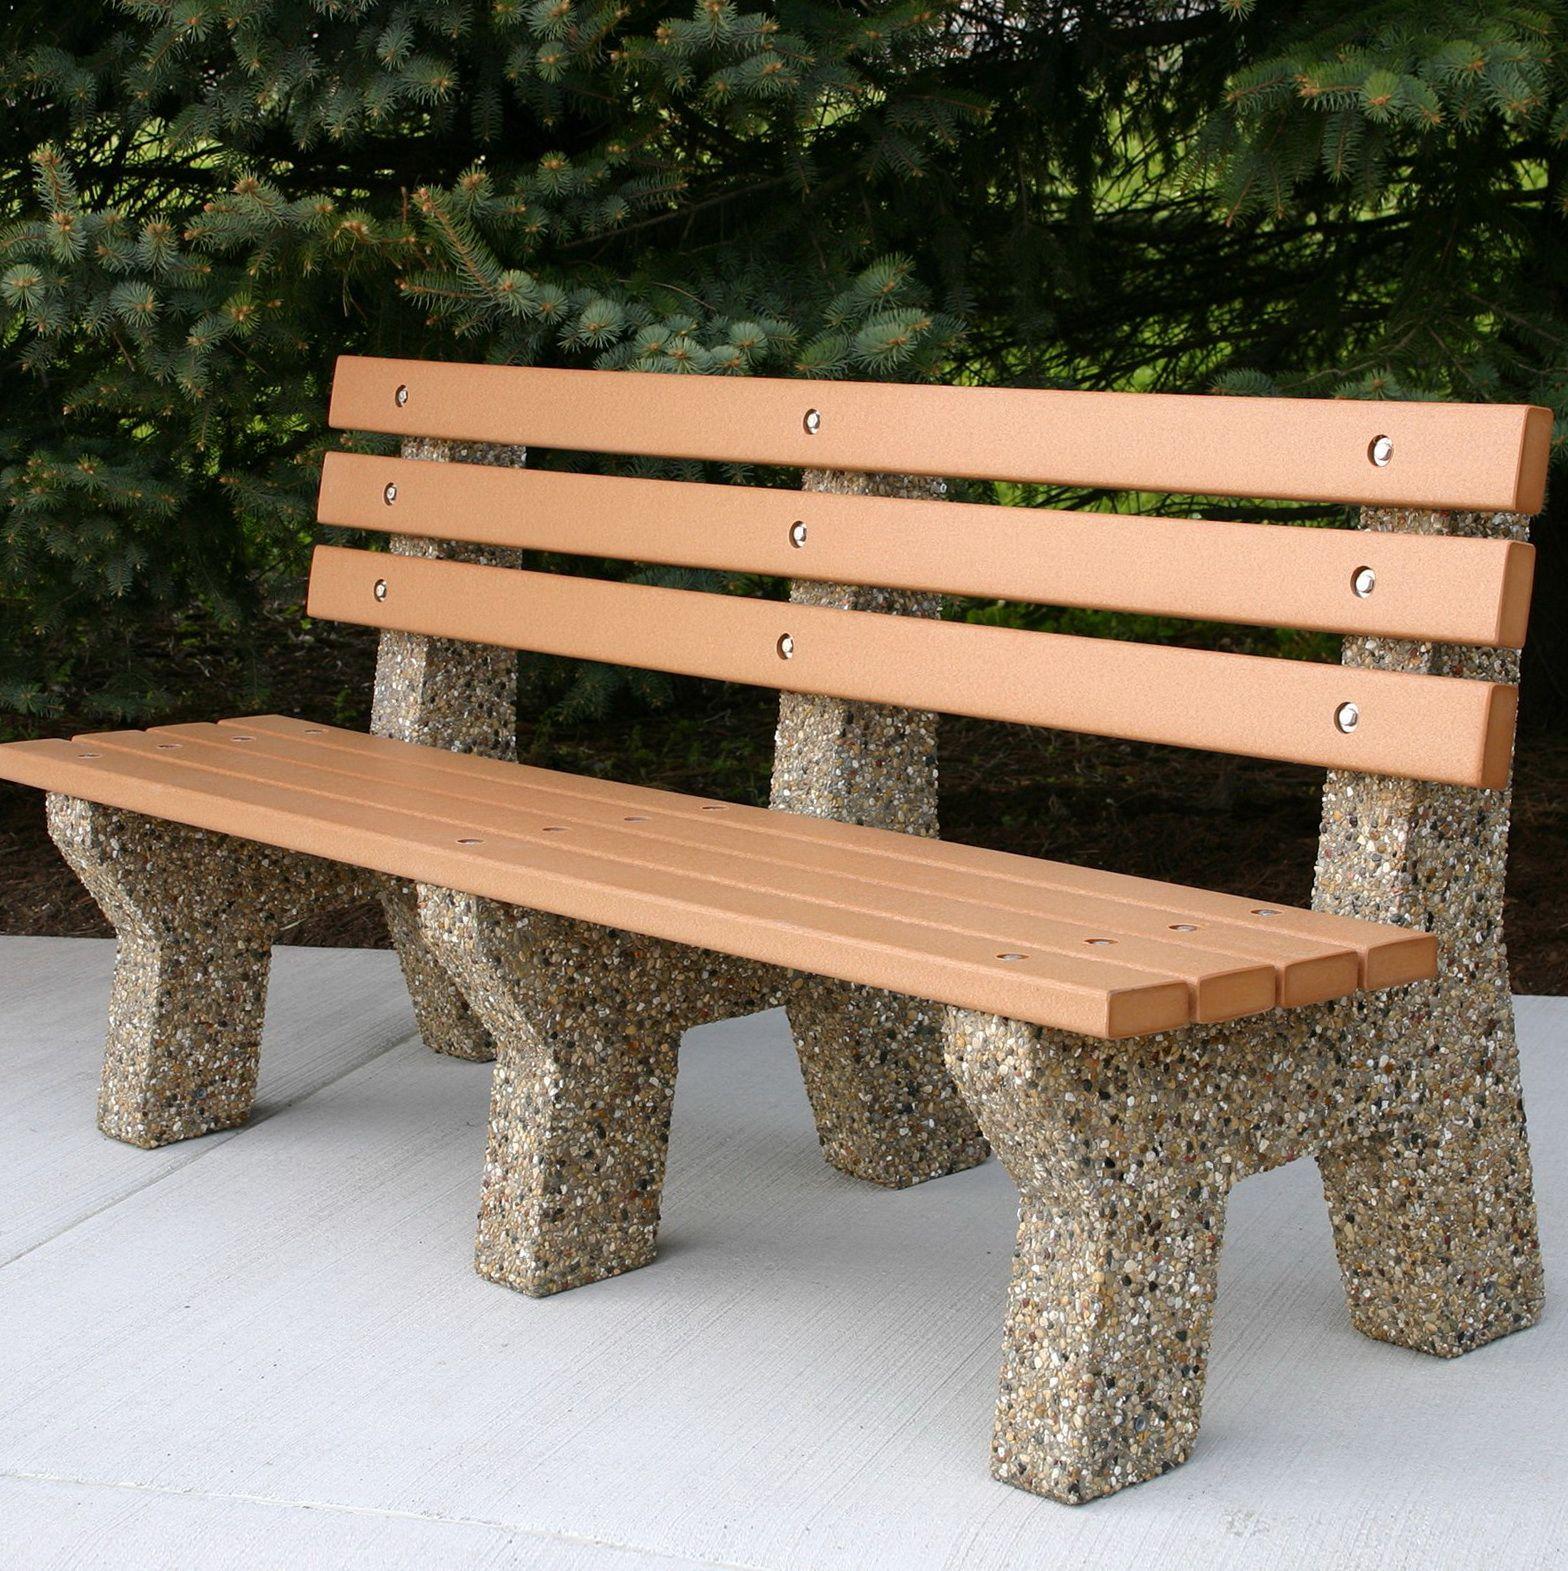 Concrete Garden Bench For Sale Garden Benches For Sale Concrete Garden Bench Garden Bench